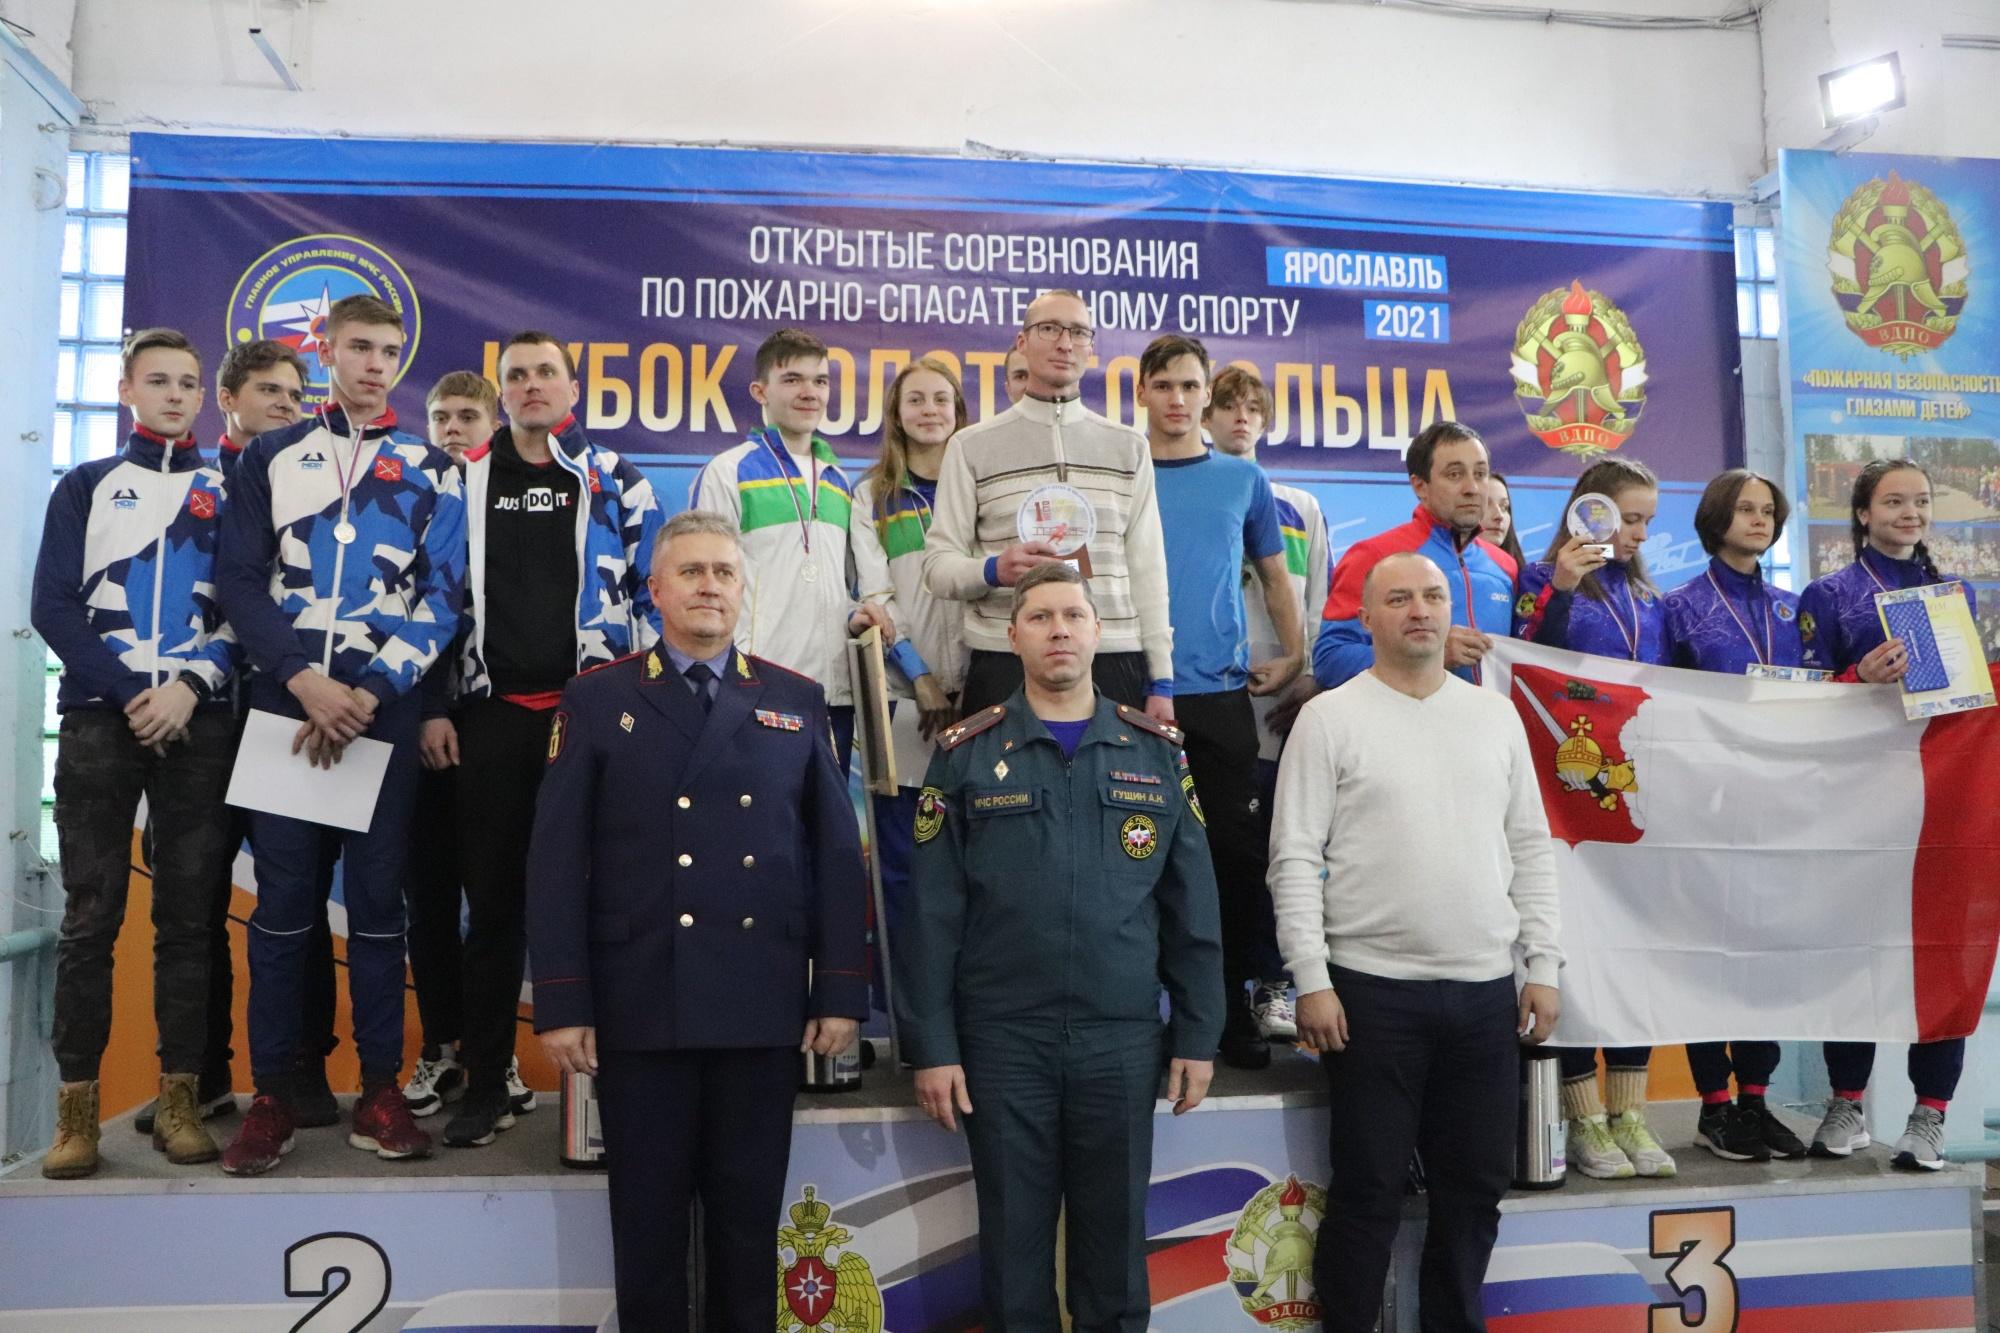 Первые открытые соревнования по пожарно-спасательному спорту за «Кубок Золотого Кольца» в Ярославле